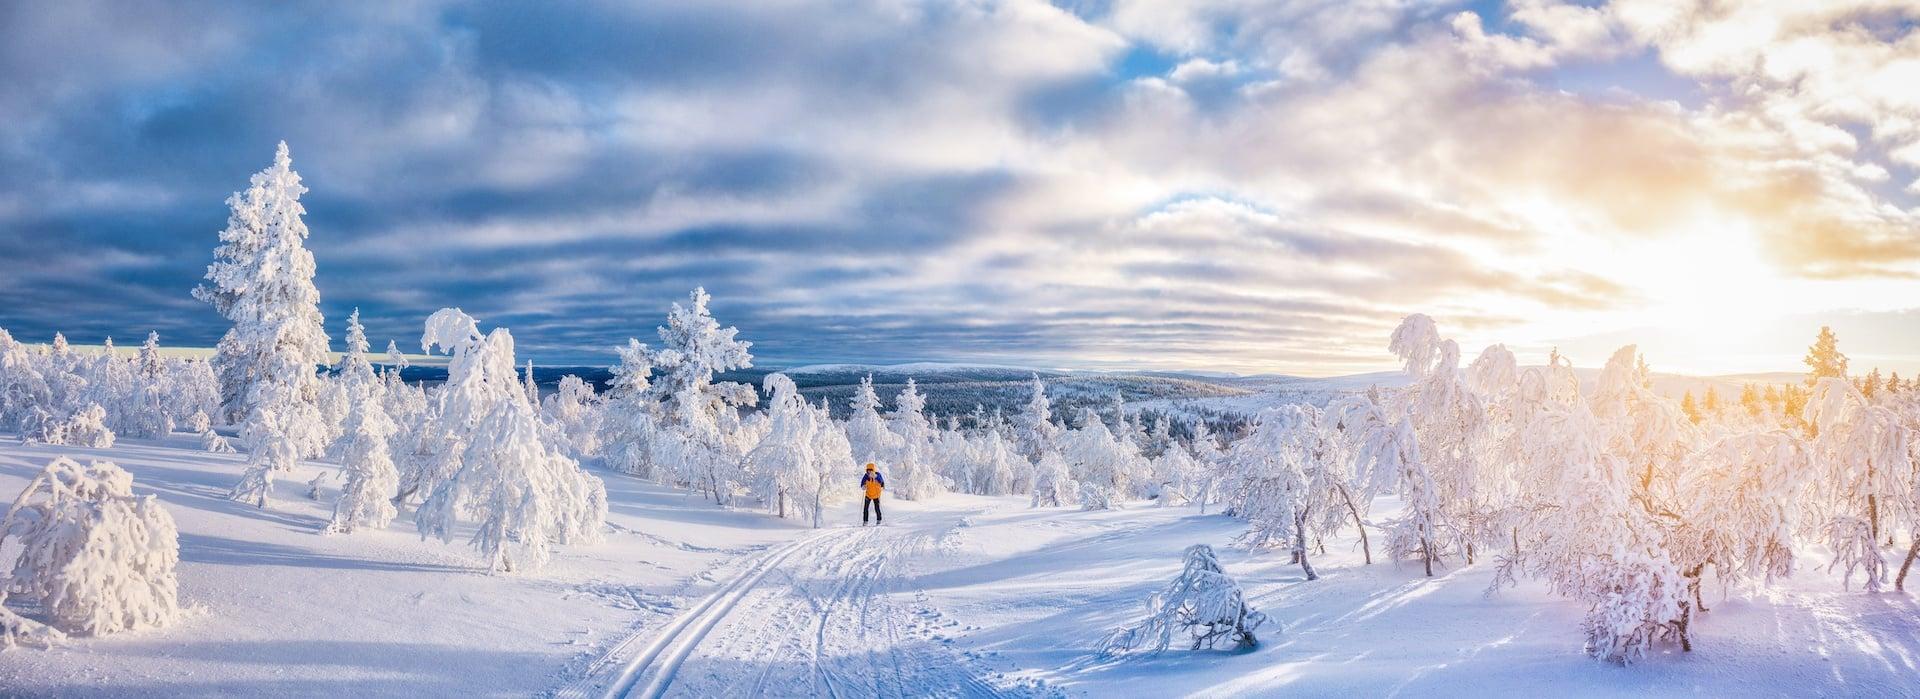 Jetzt Langlauf-Sets & Schneeschuhe mieten